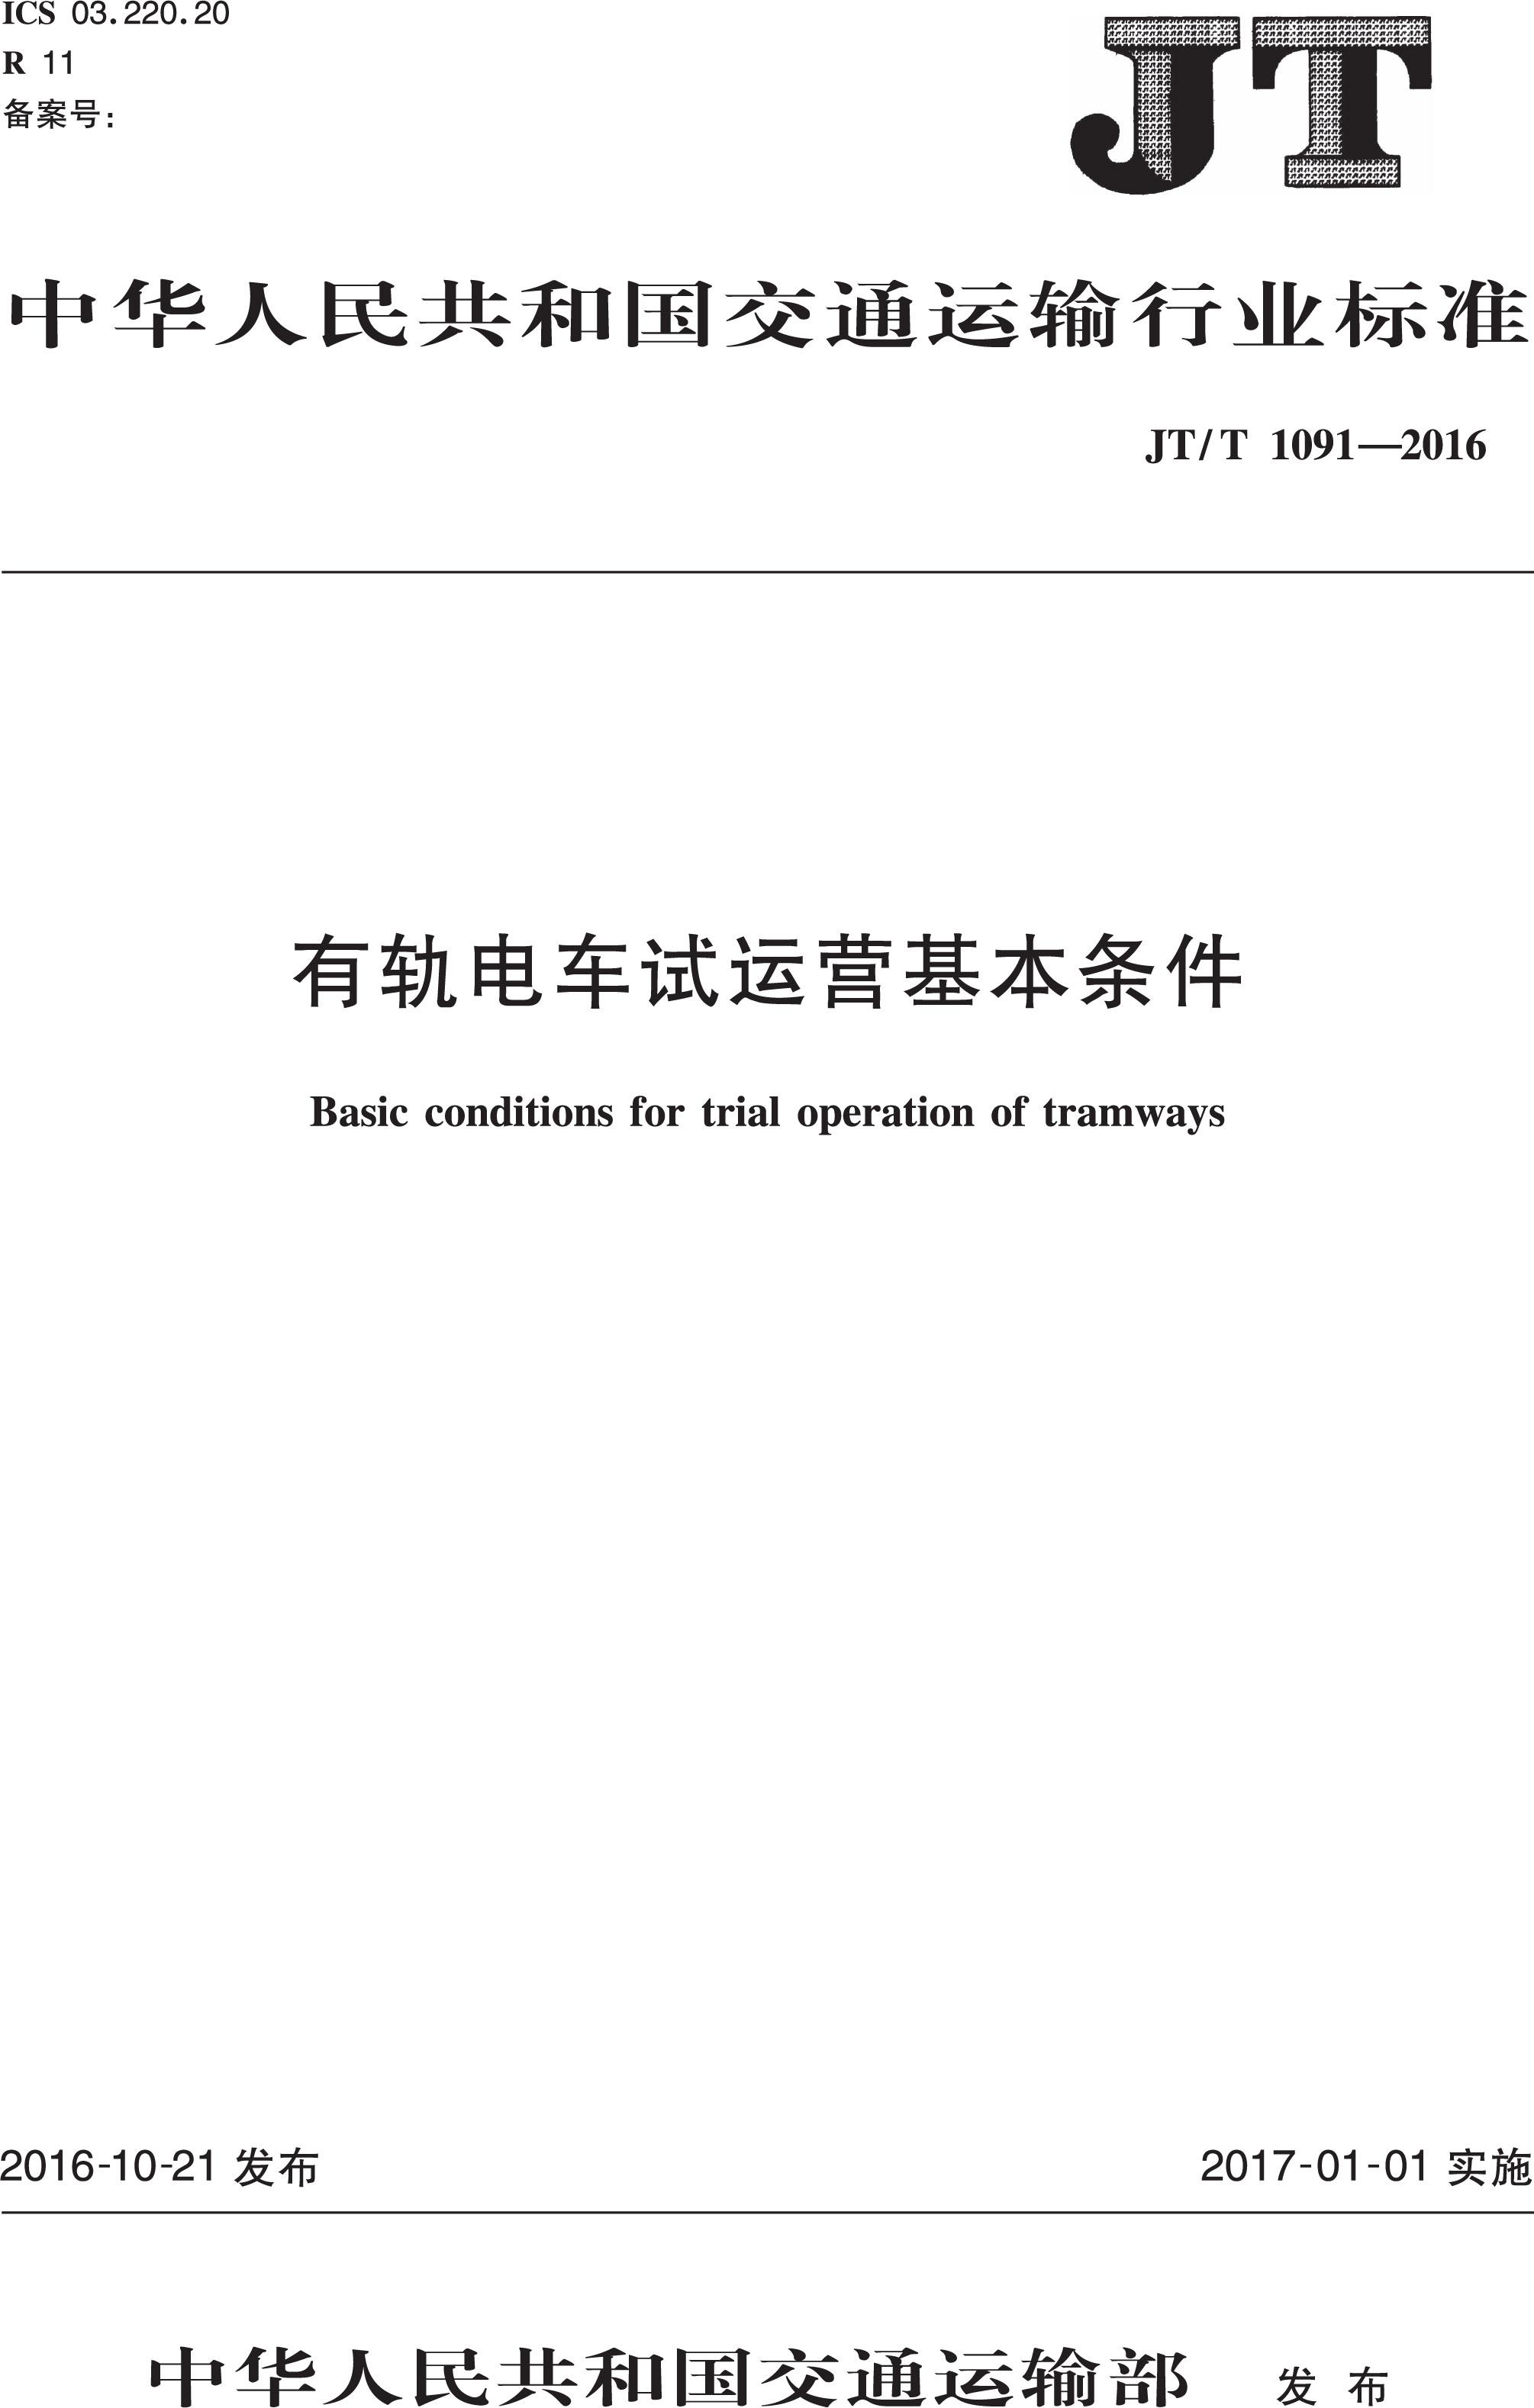 有轨电车试运营基本条件(JT/T 1091—2016)